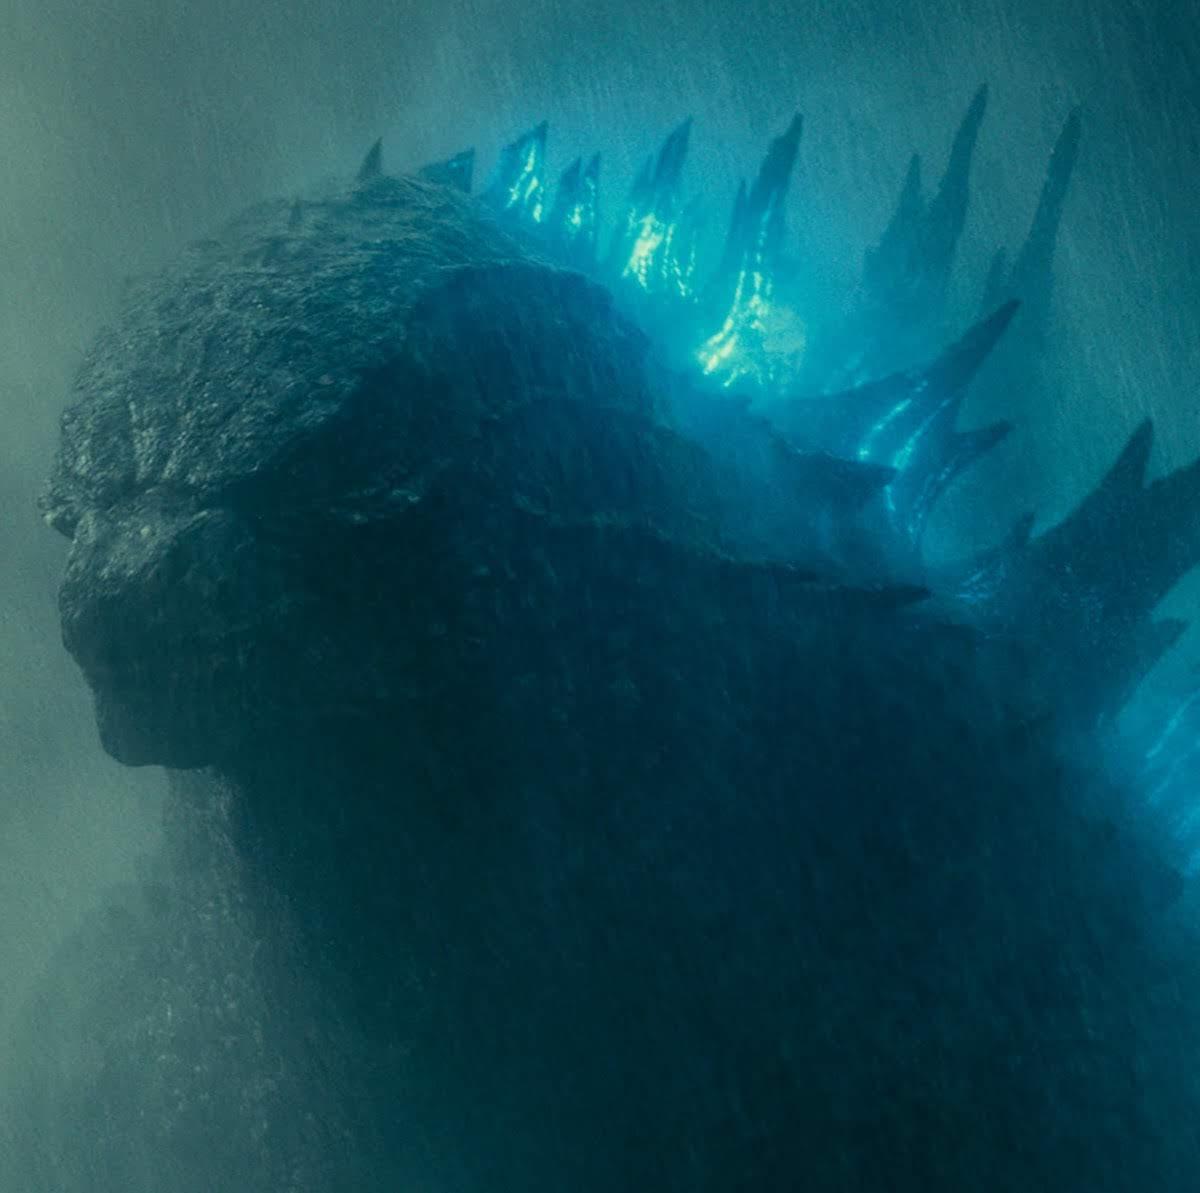 Godzilla: King of the Monsters - Retro Trailer : ハリウッド版「ゴジラ」の第2弾「キング・オブ・ザ・モンスターズ」を、1950年代の俗っぽい古典モンスター映画にしてみたファンメイドの予告編 ! !